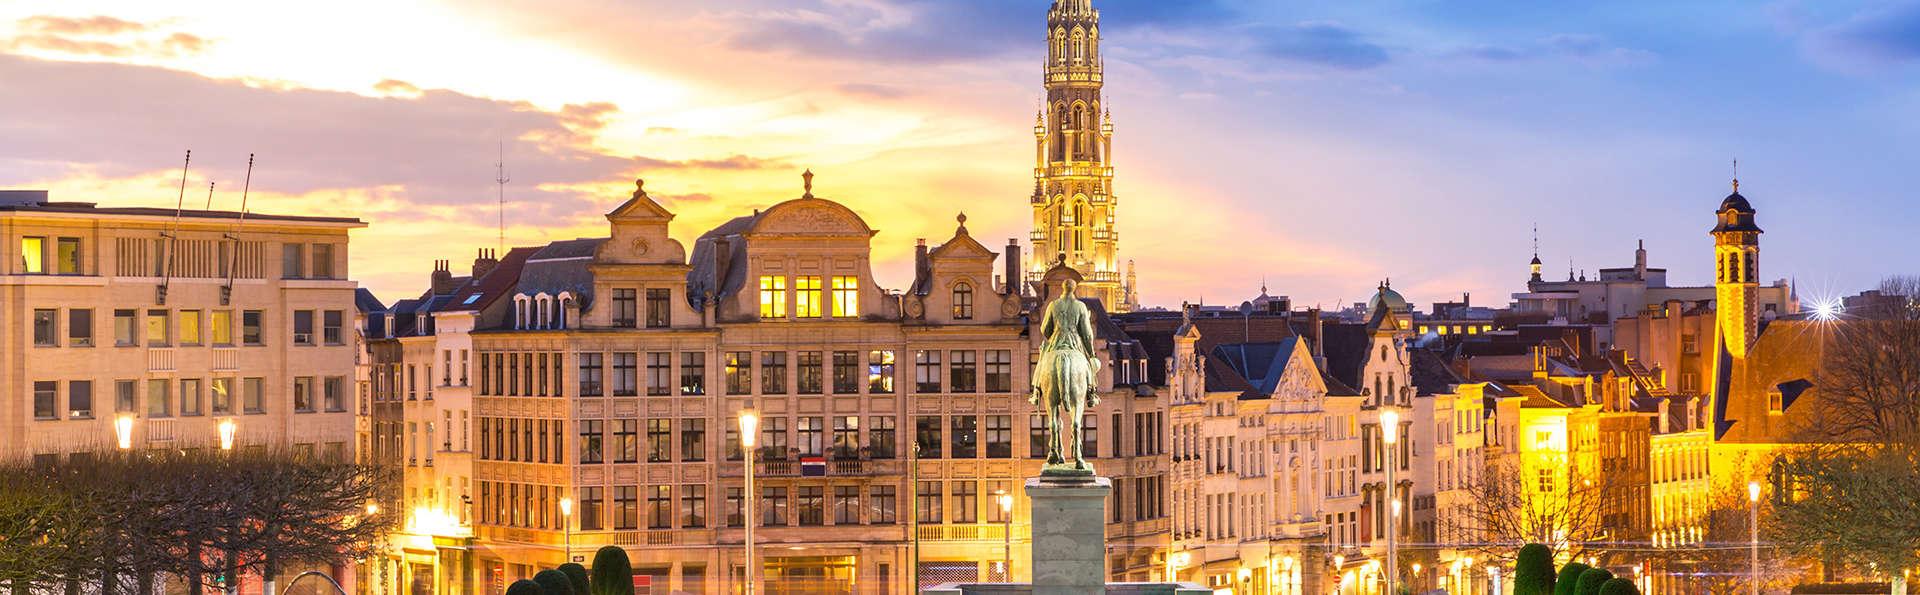 Séjour de luxe sur l'avenue Louise à Bruxelles